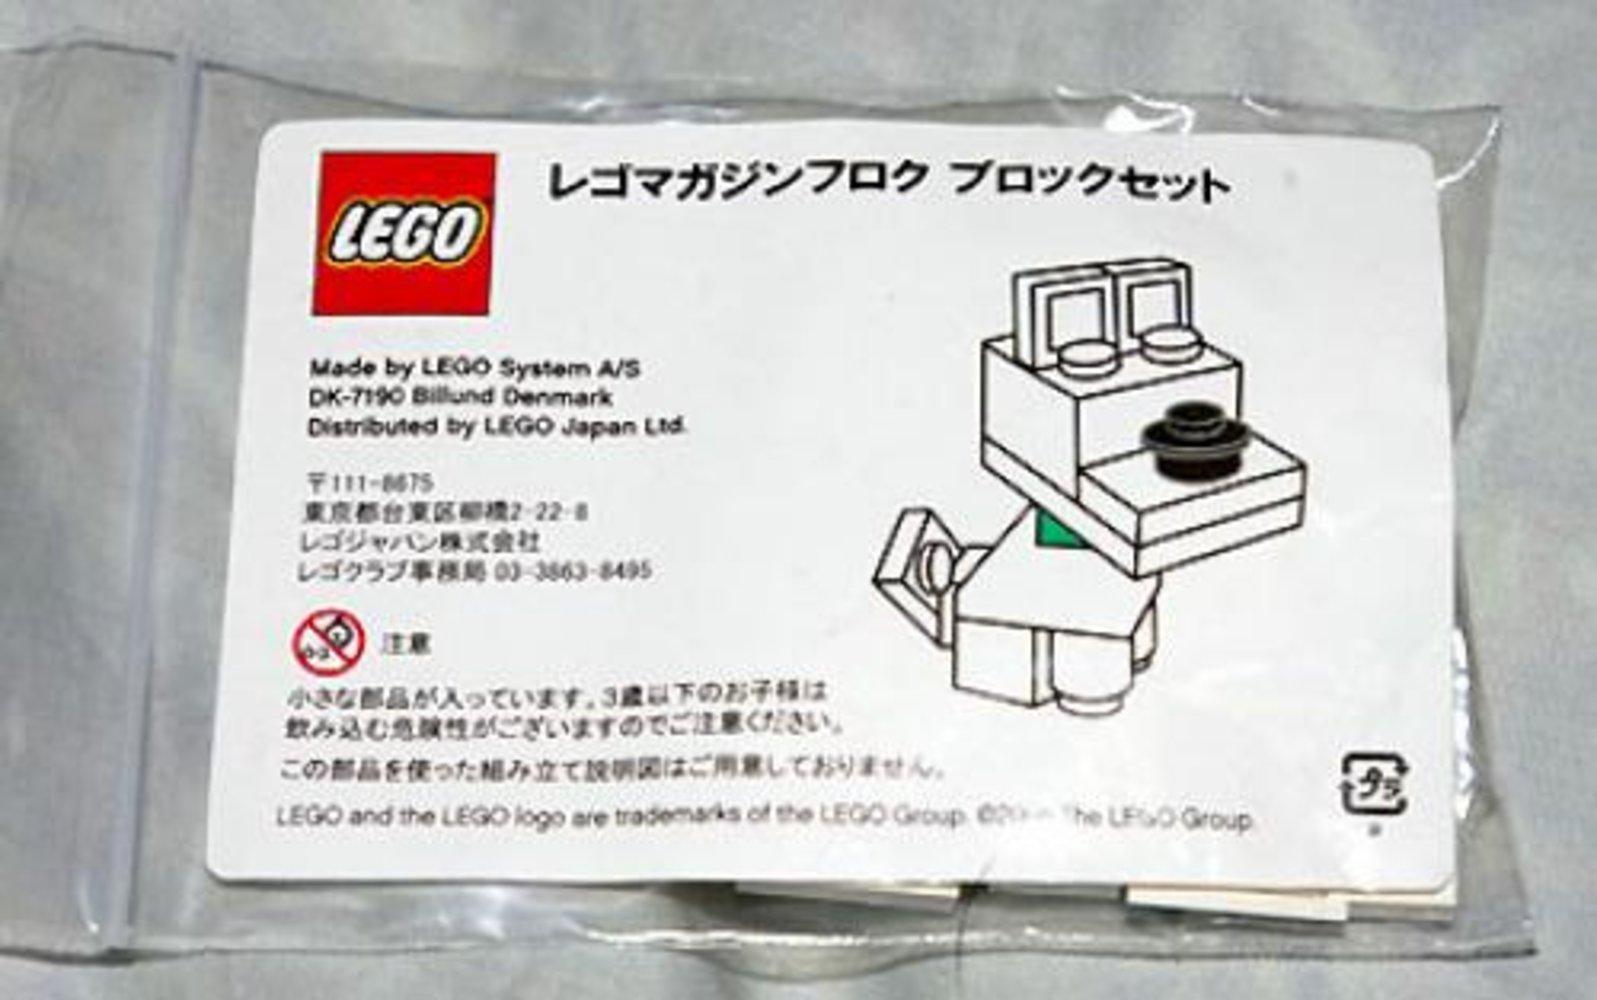 LEGO Japan Dog Blue Label Version